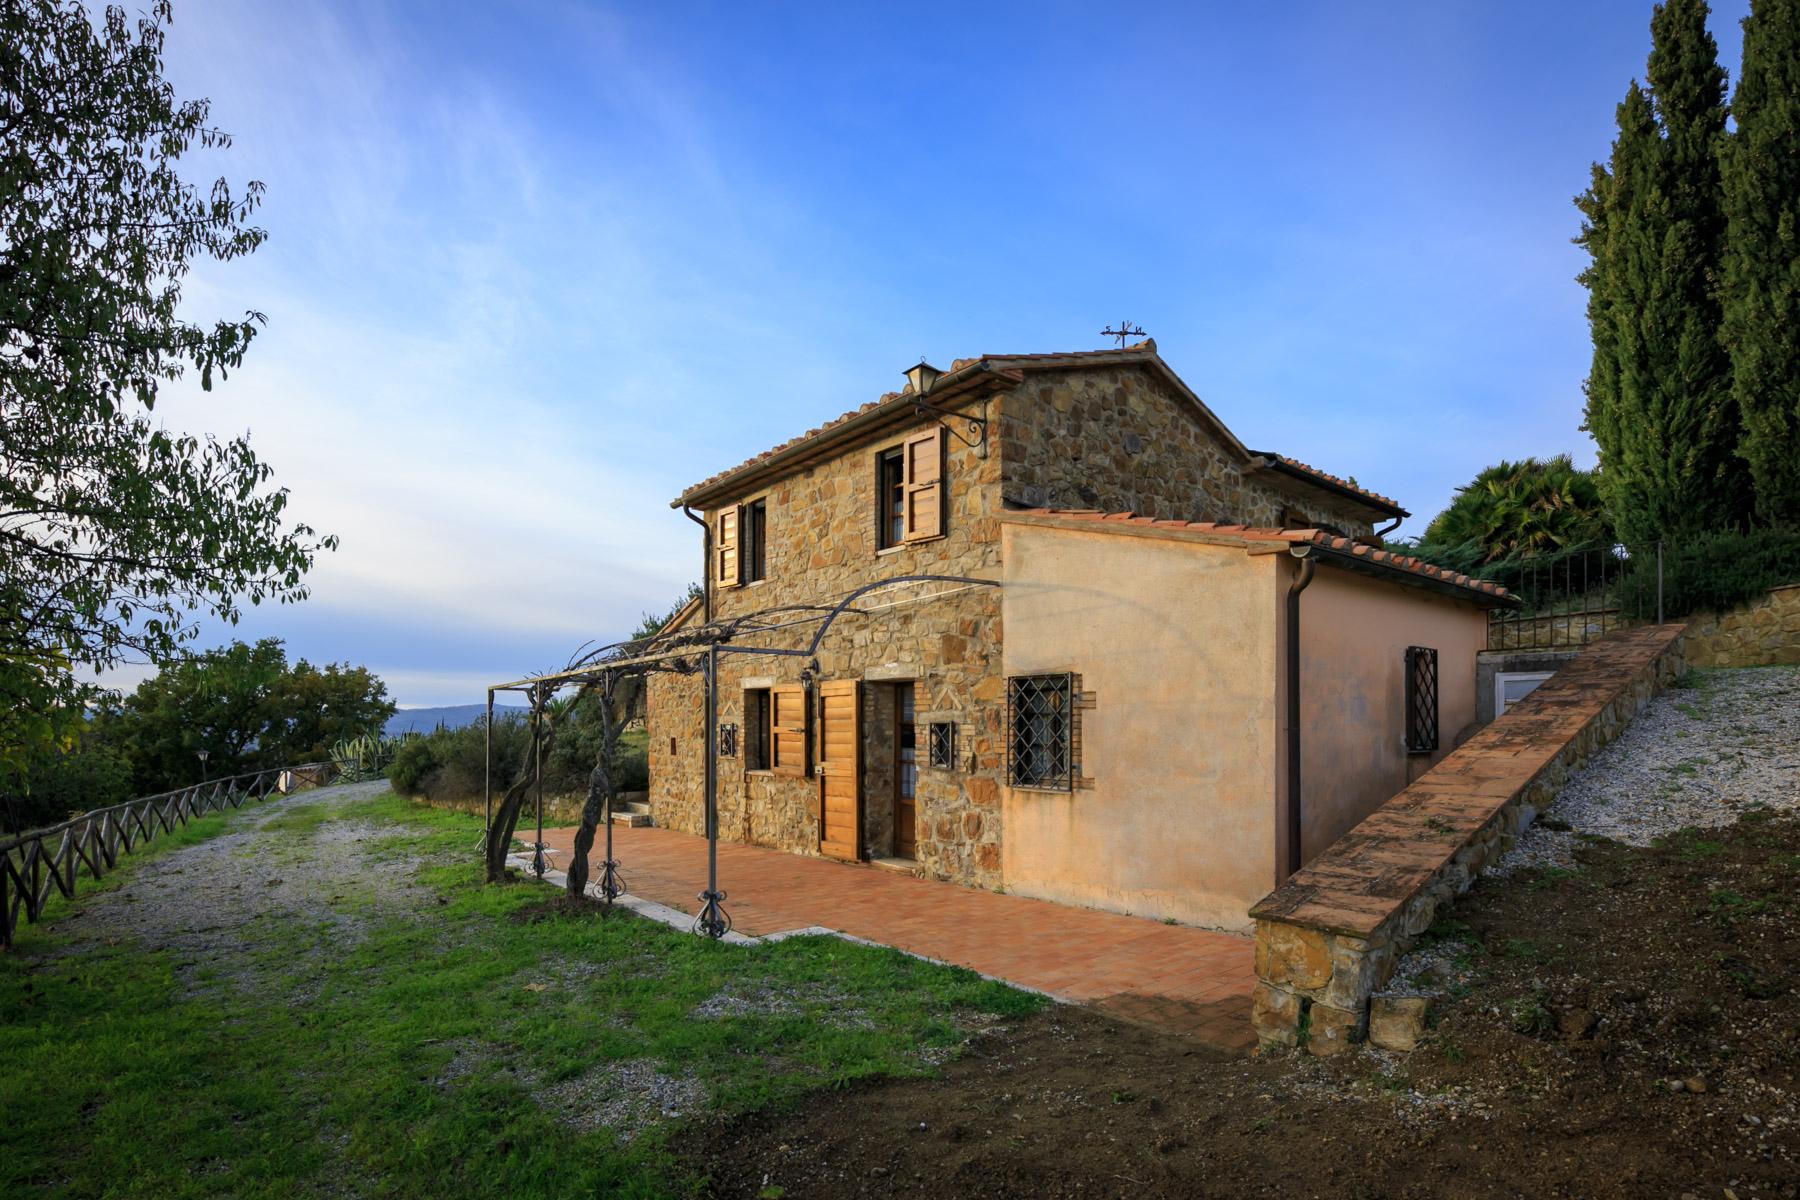 Rustico in Vendita a Manciano: 5 locali, 500 mq - Foto 12